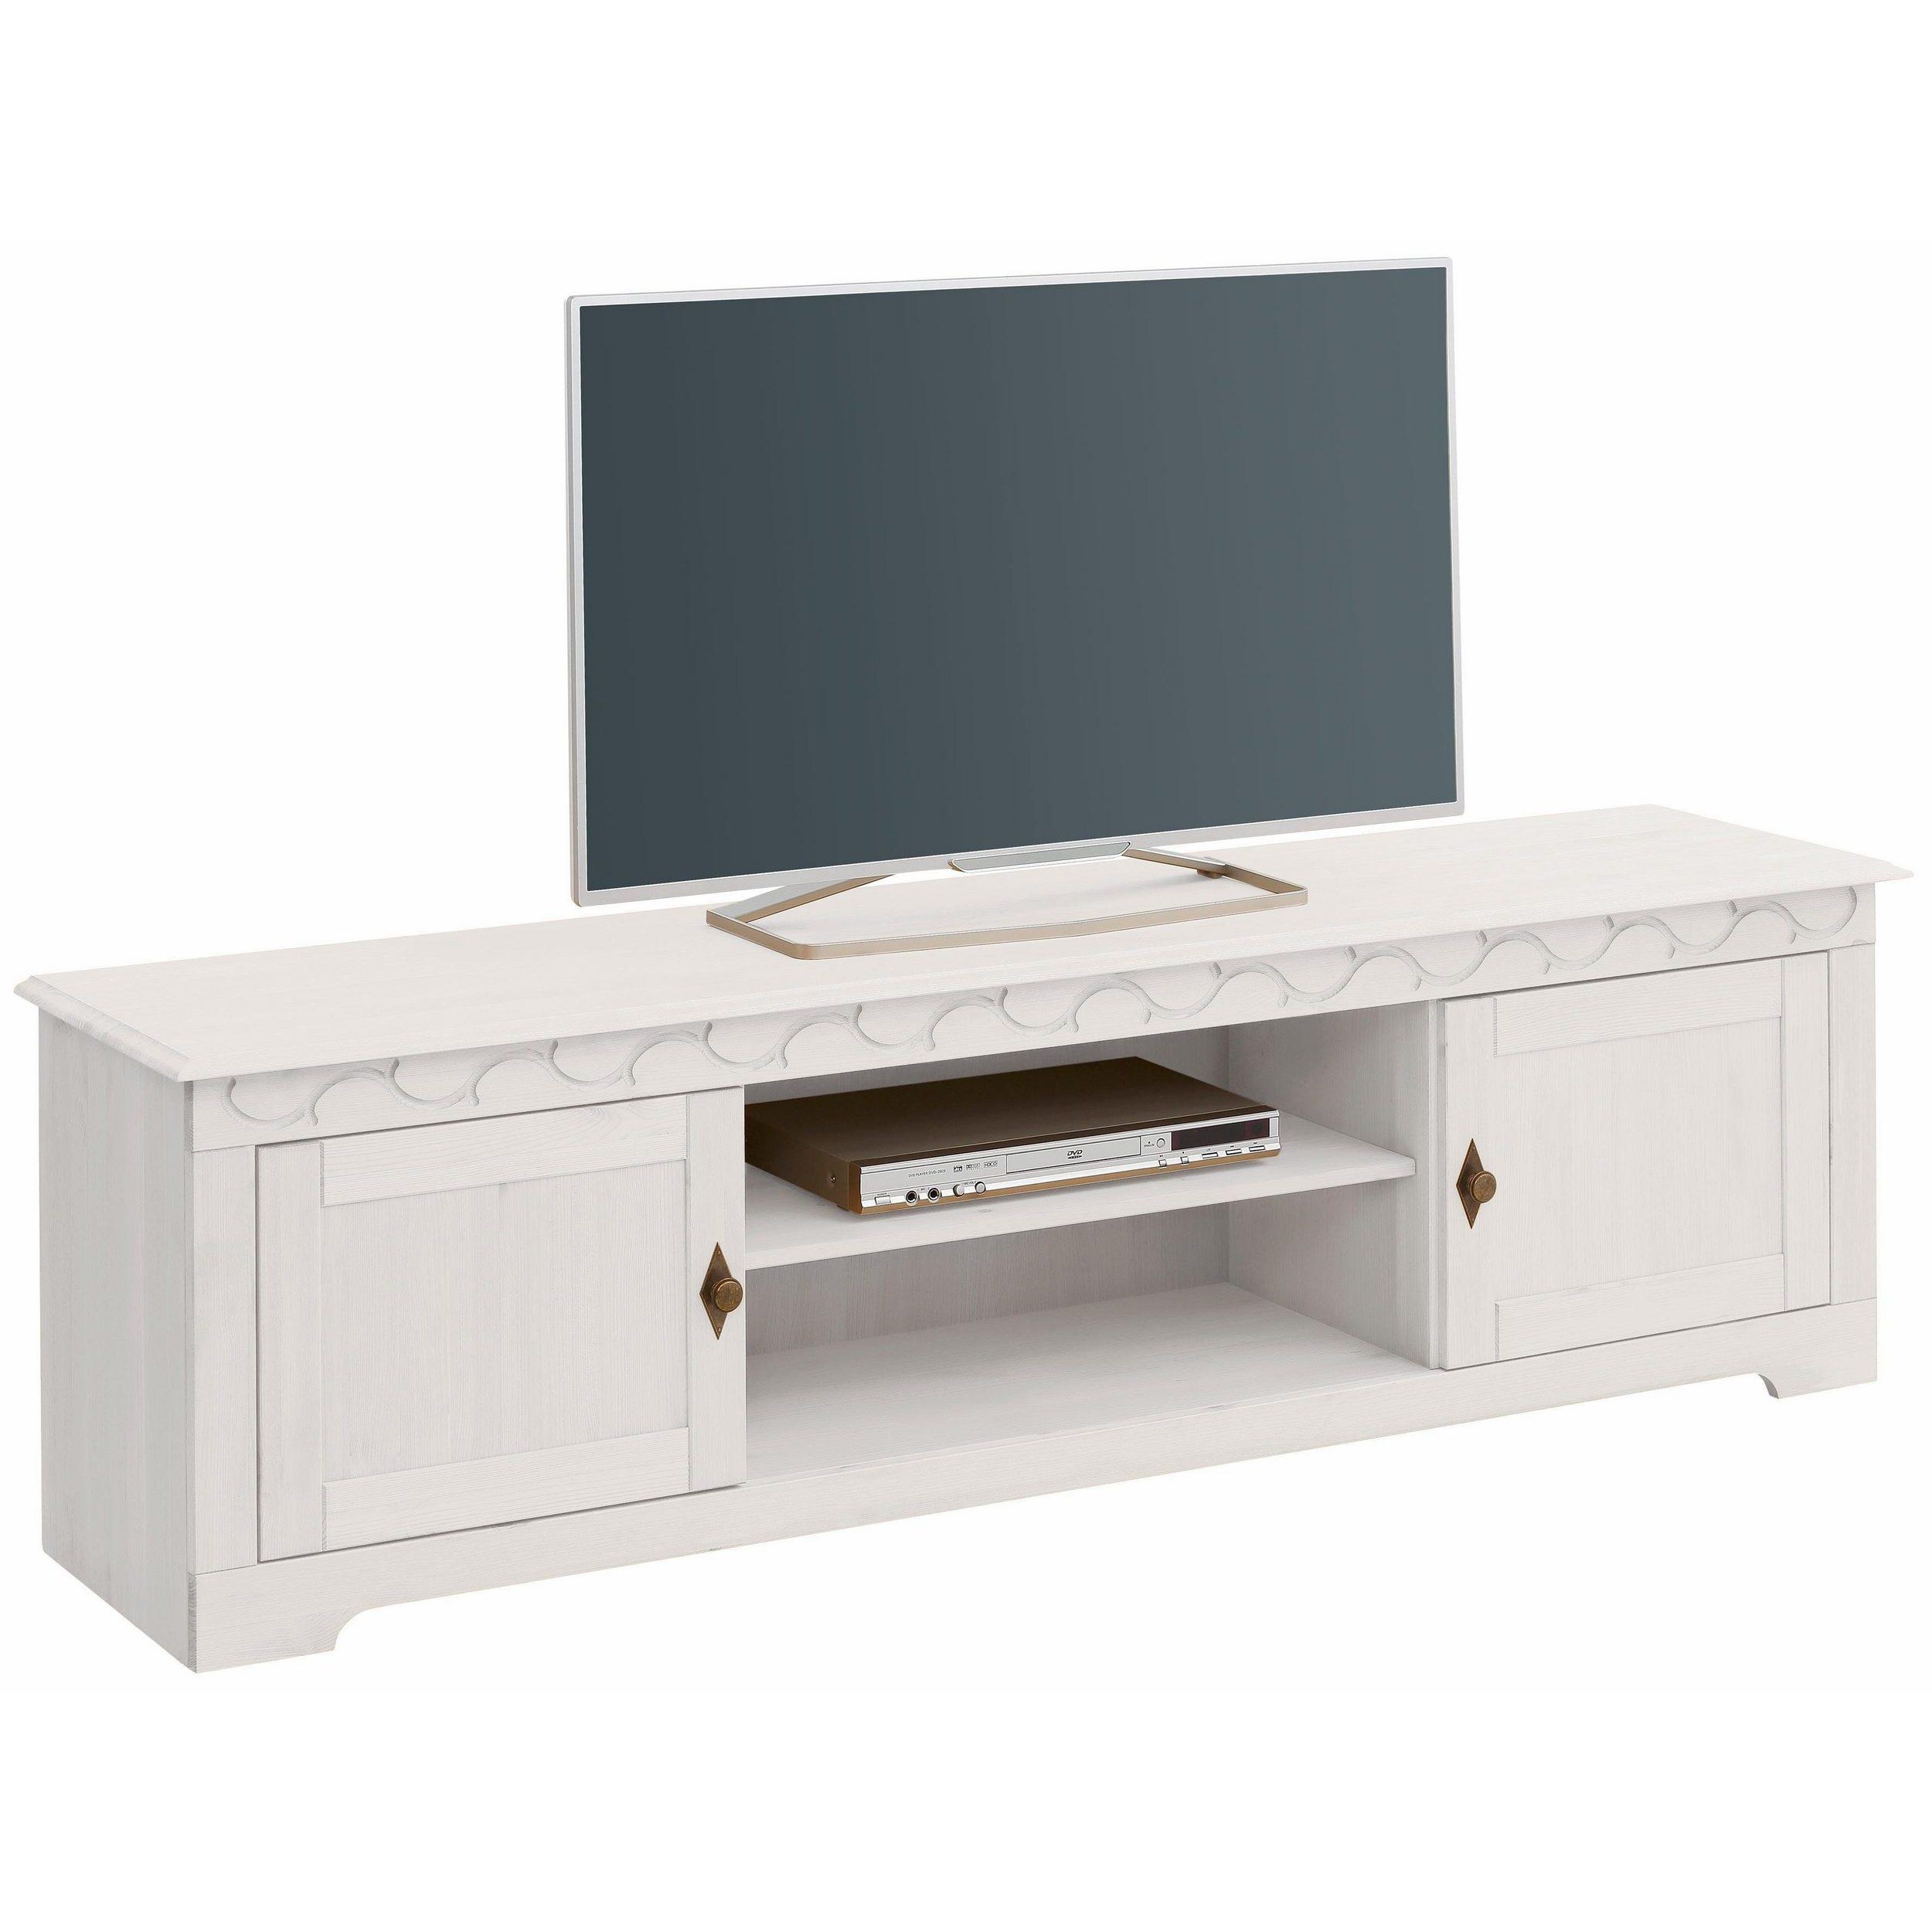 Verschiedene Lowboard Fernseher Beste Wahl Shop Lando 69-inch Tv-lowboard, Solid Pine -